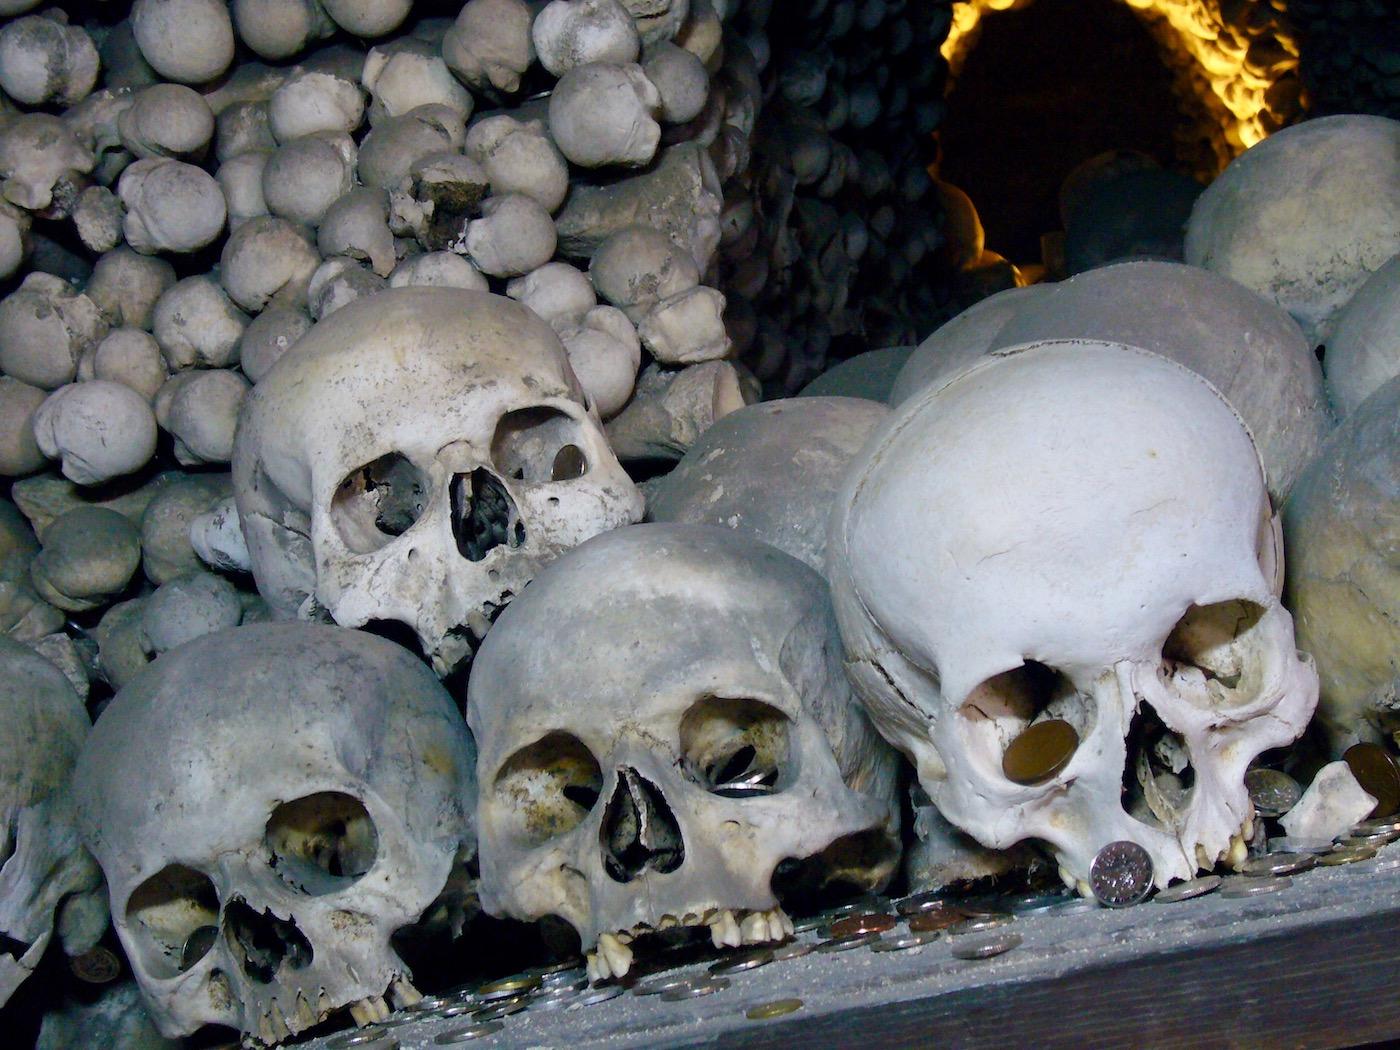 mark_benecke_kutna_hora_sedlec_prag_prague_ossuary_ossuarium - 128.jpg